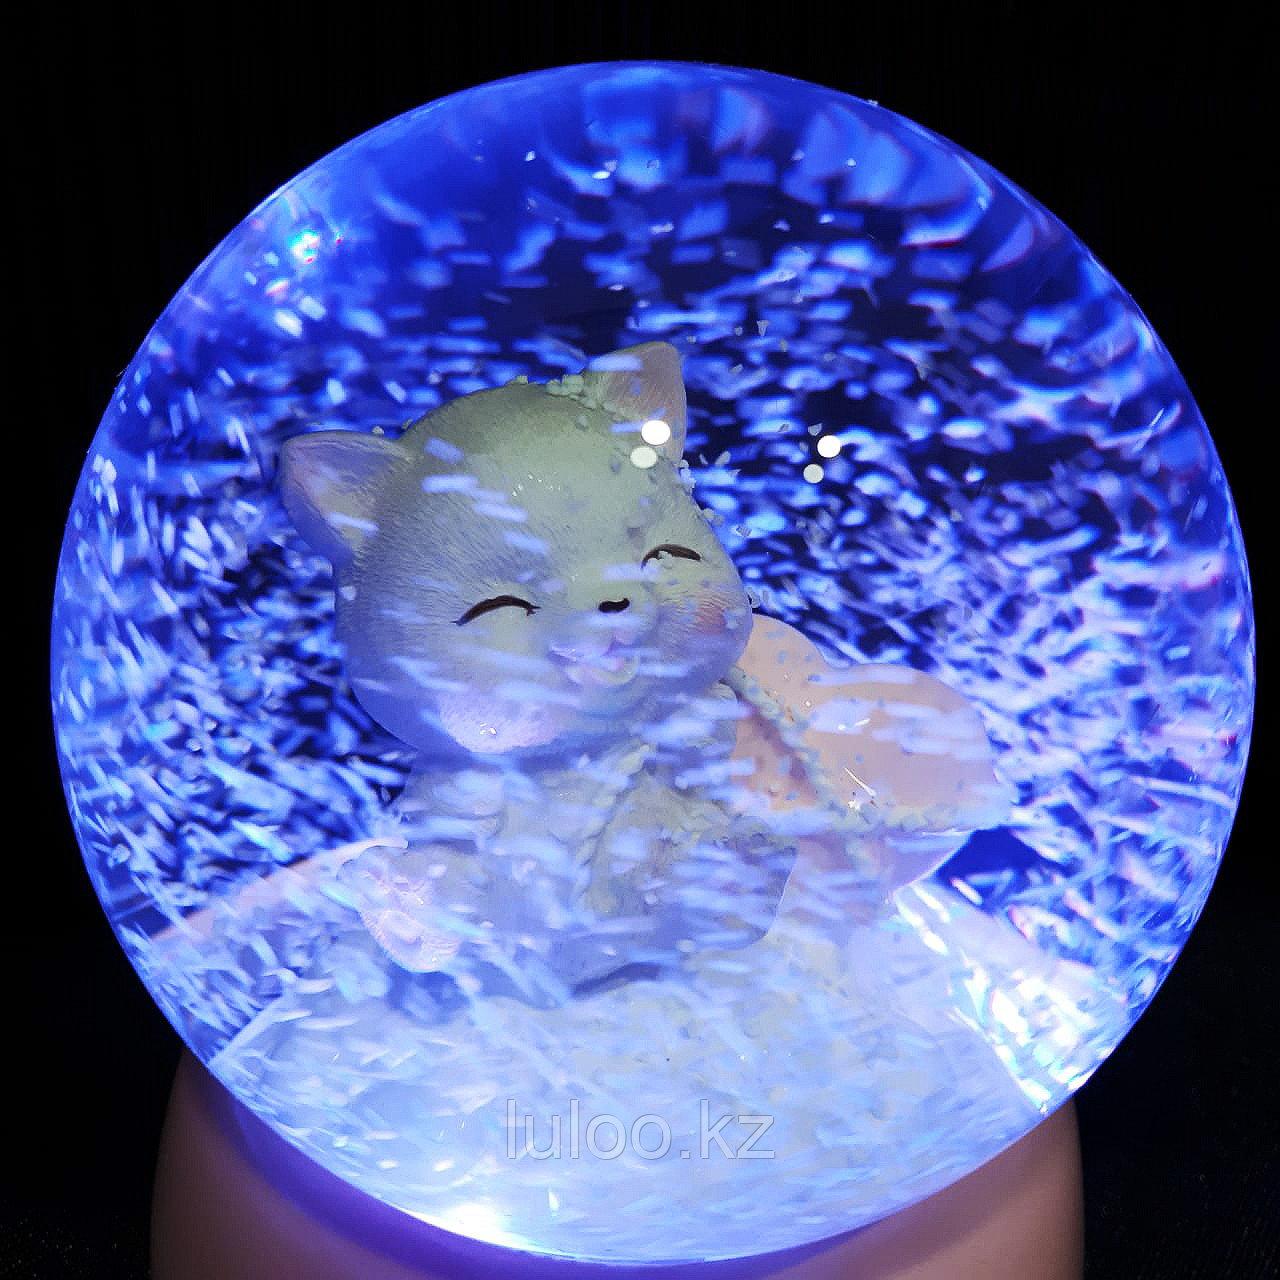 """Музыкальный снежный шар """"Котёнок с сердцем"""", 16см. - фото 3"""